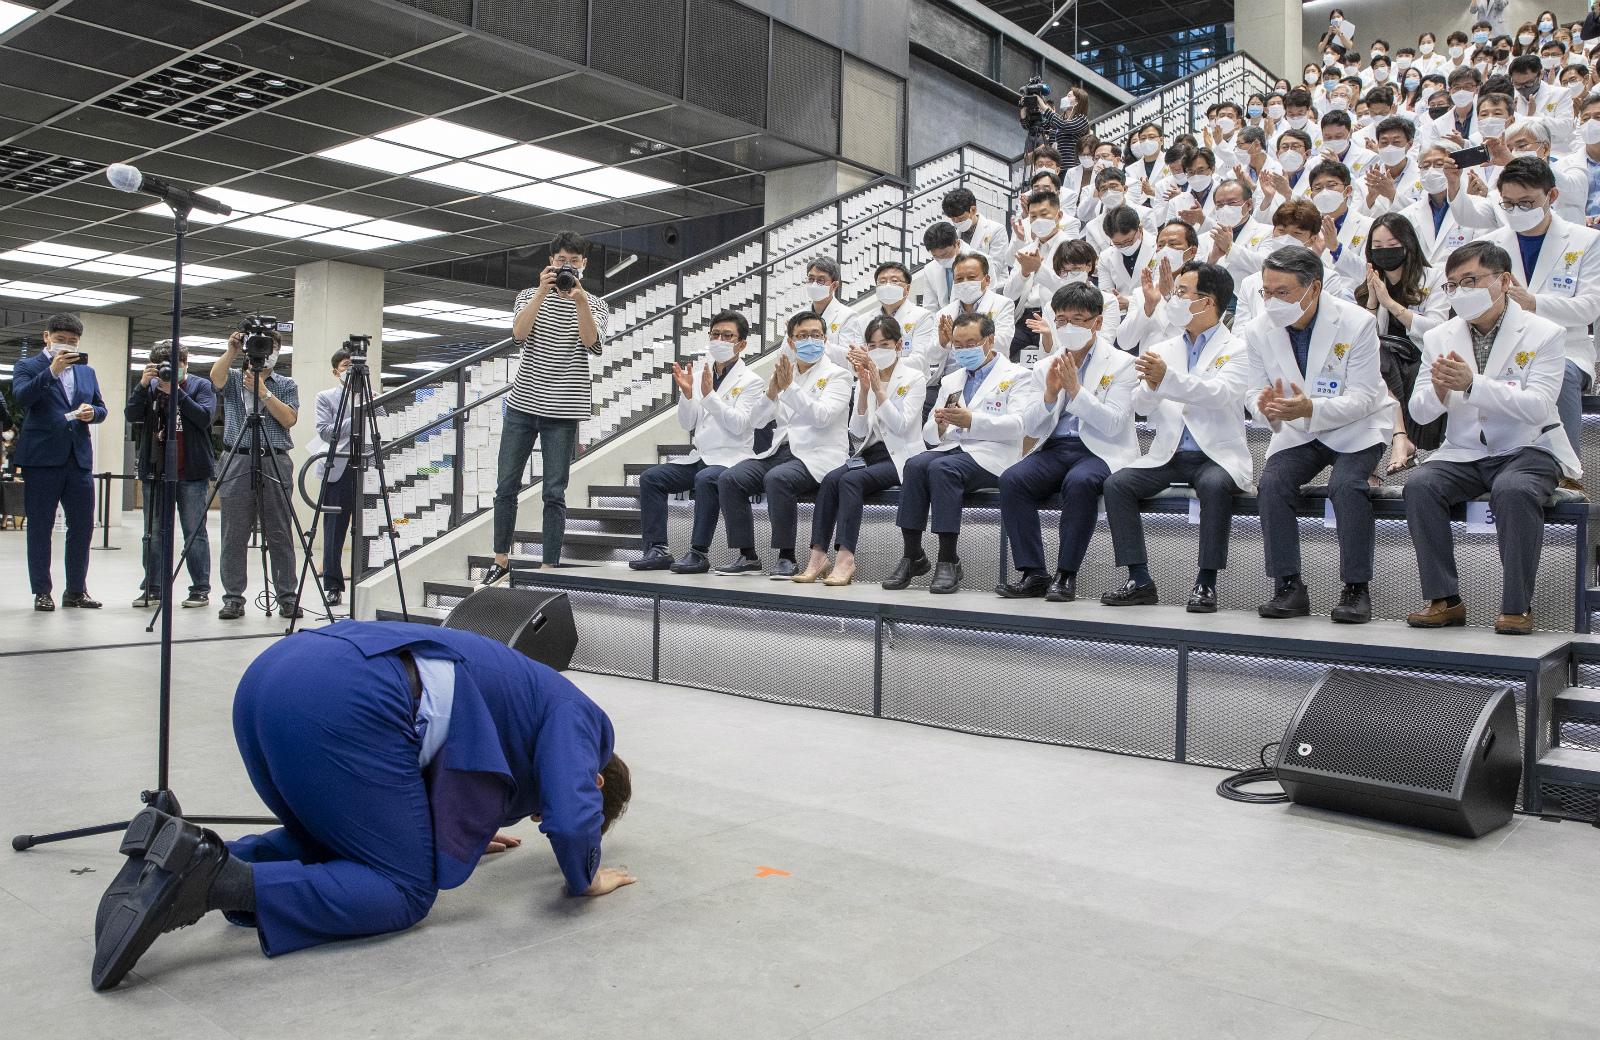 """【亚洲天堂观察】_""""多亏你们!""""韩国大邱市长当众下跪 磕头感谢医护人员"""